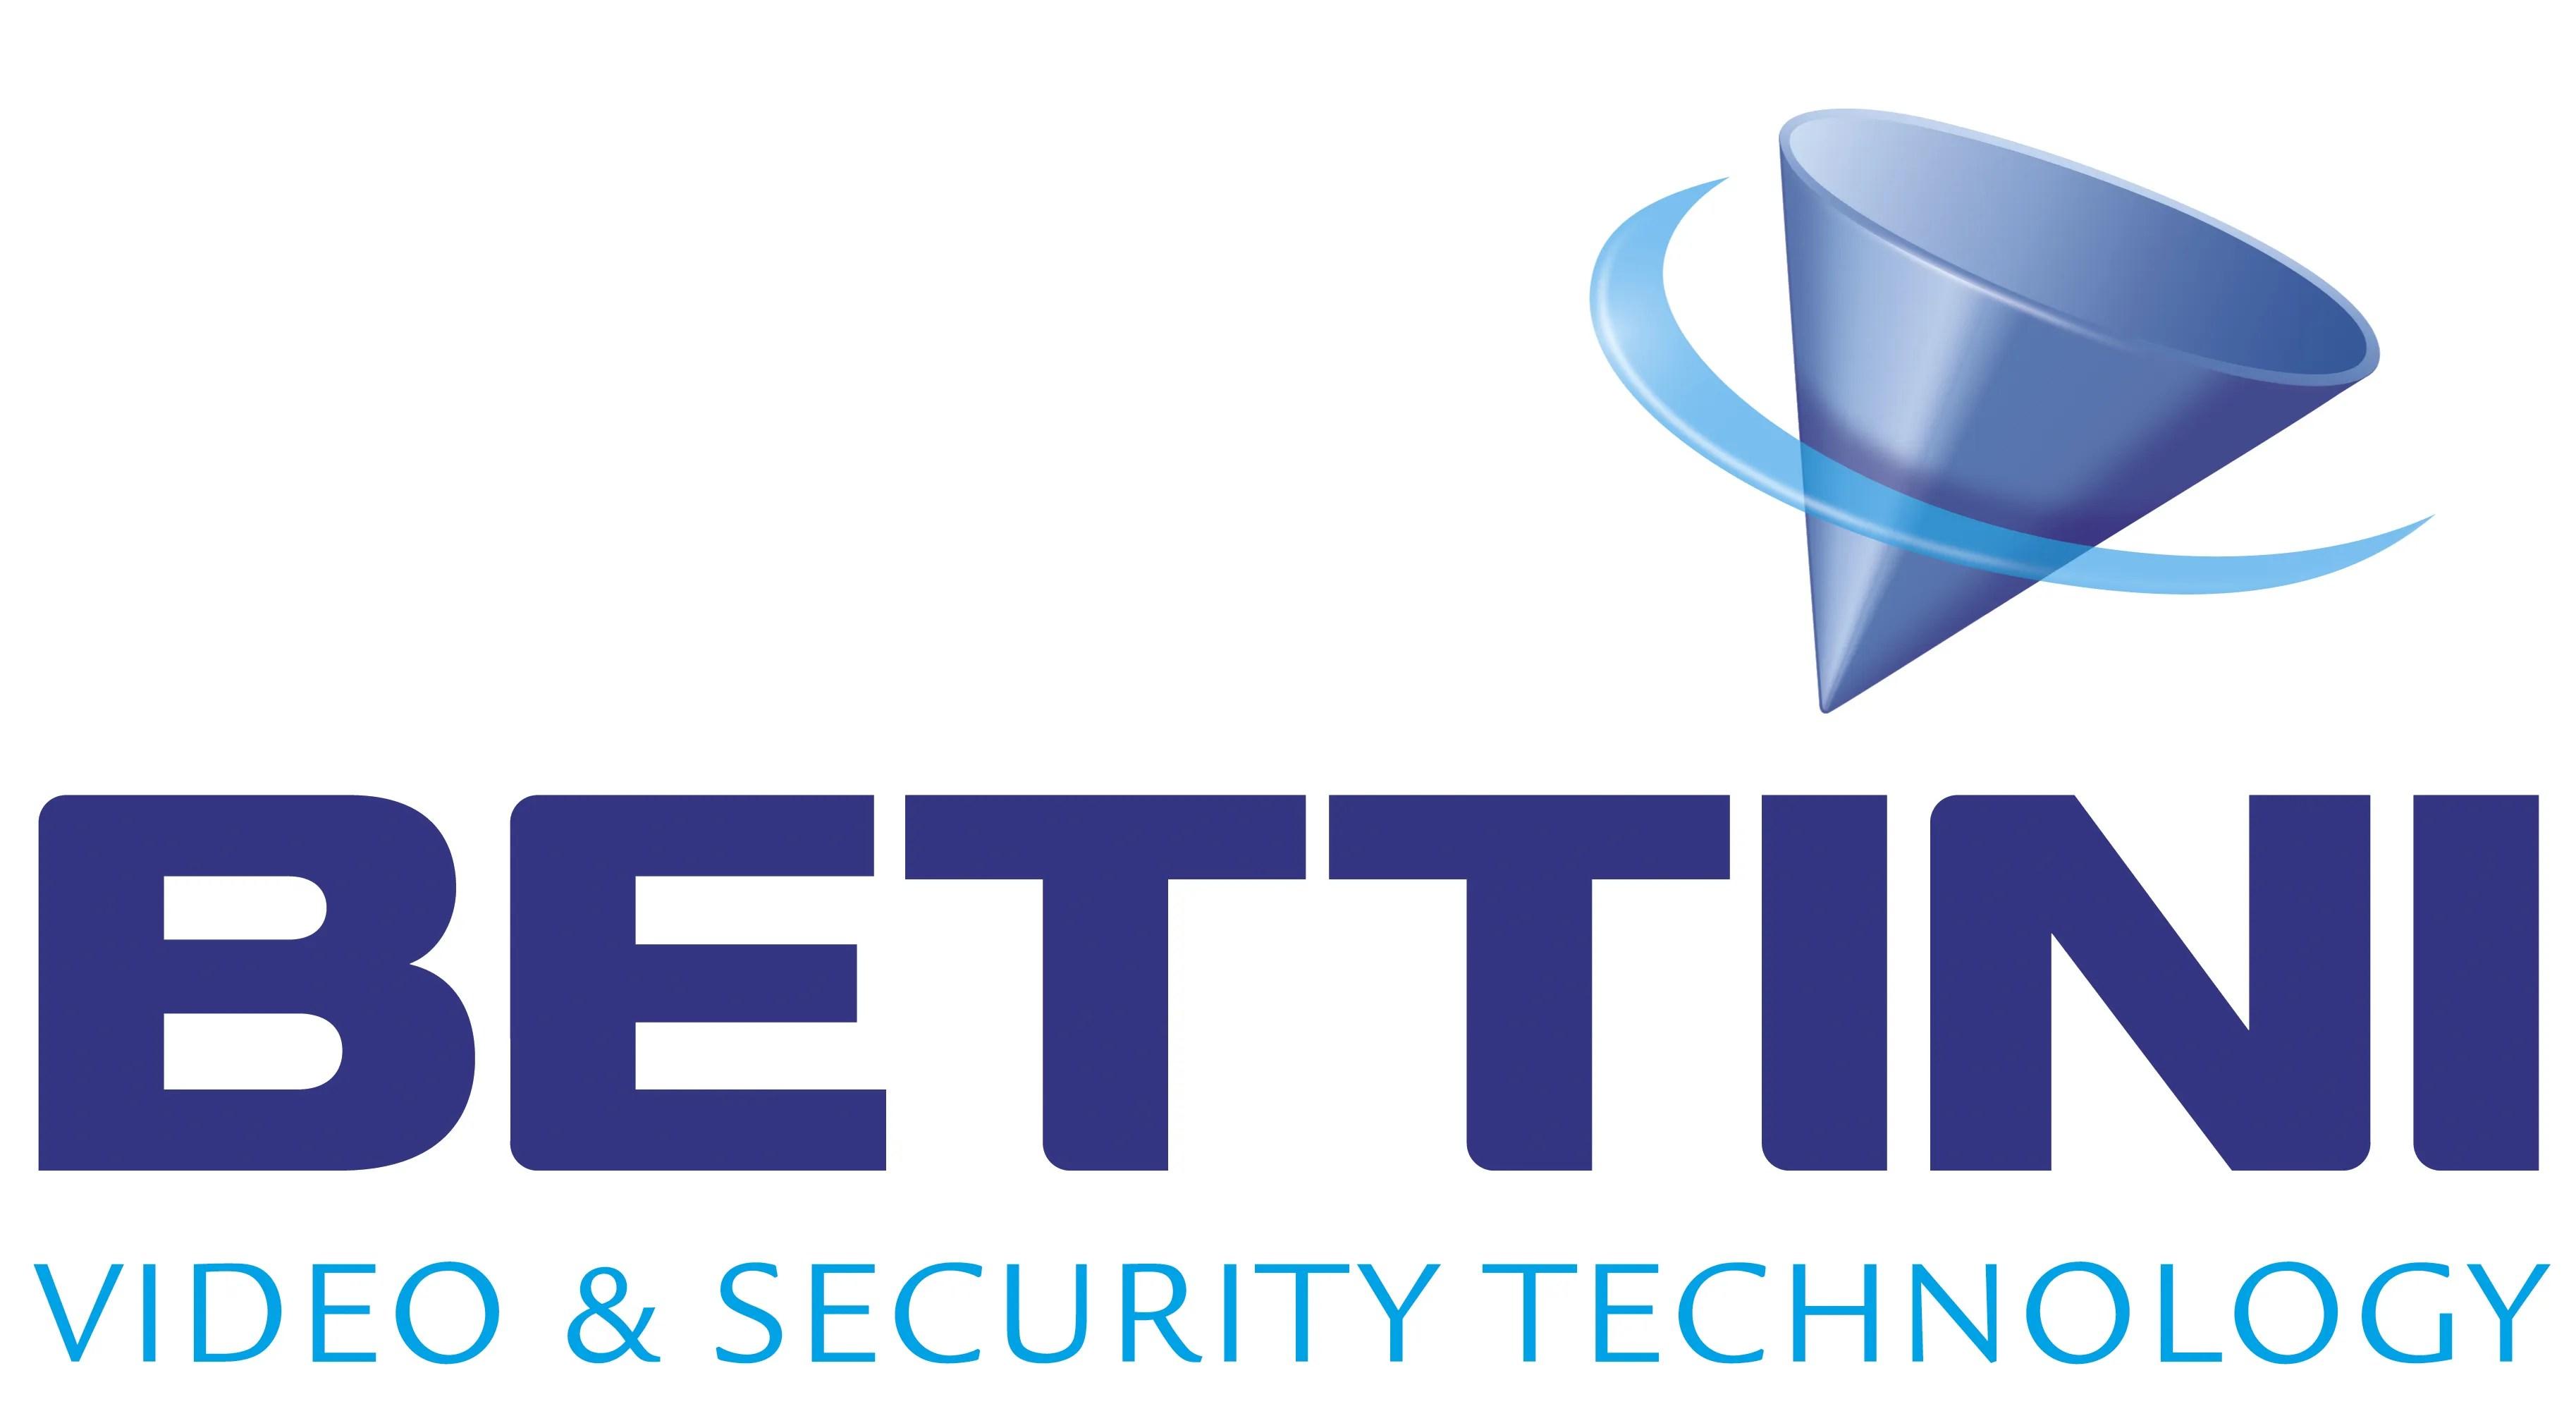 Elettron BETTINI service Brescia